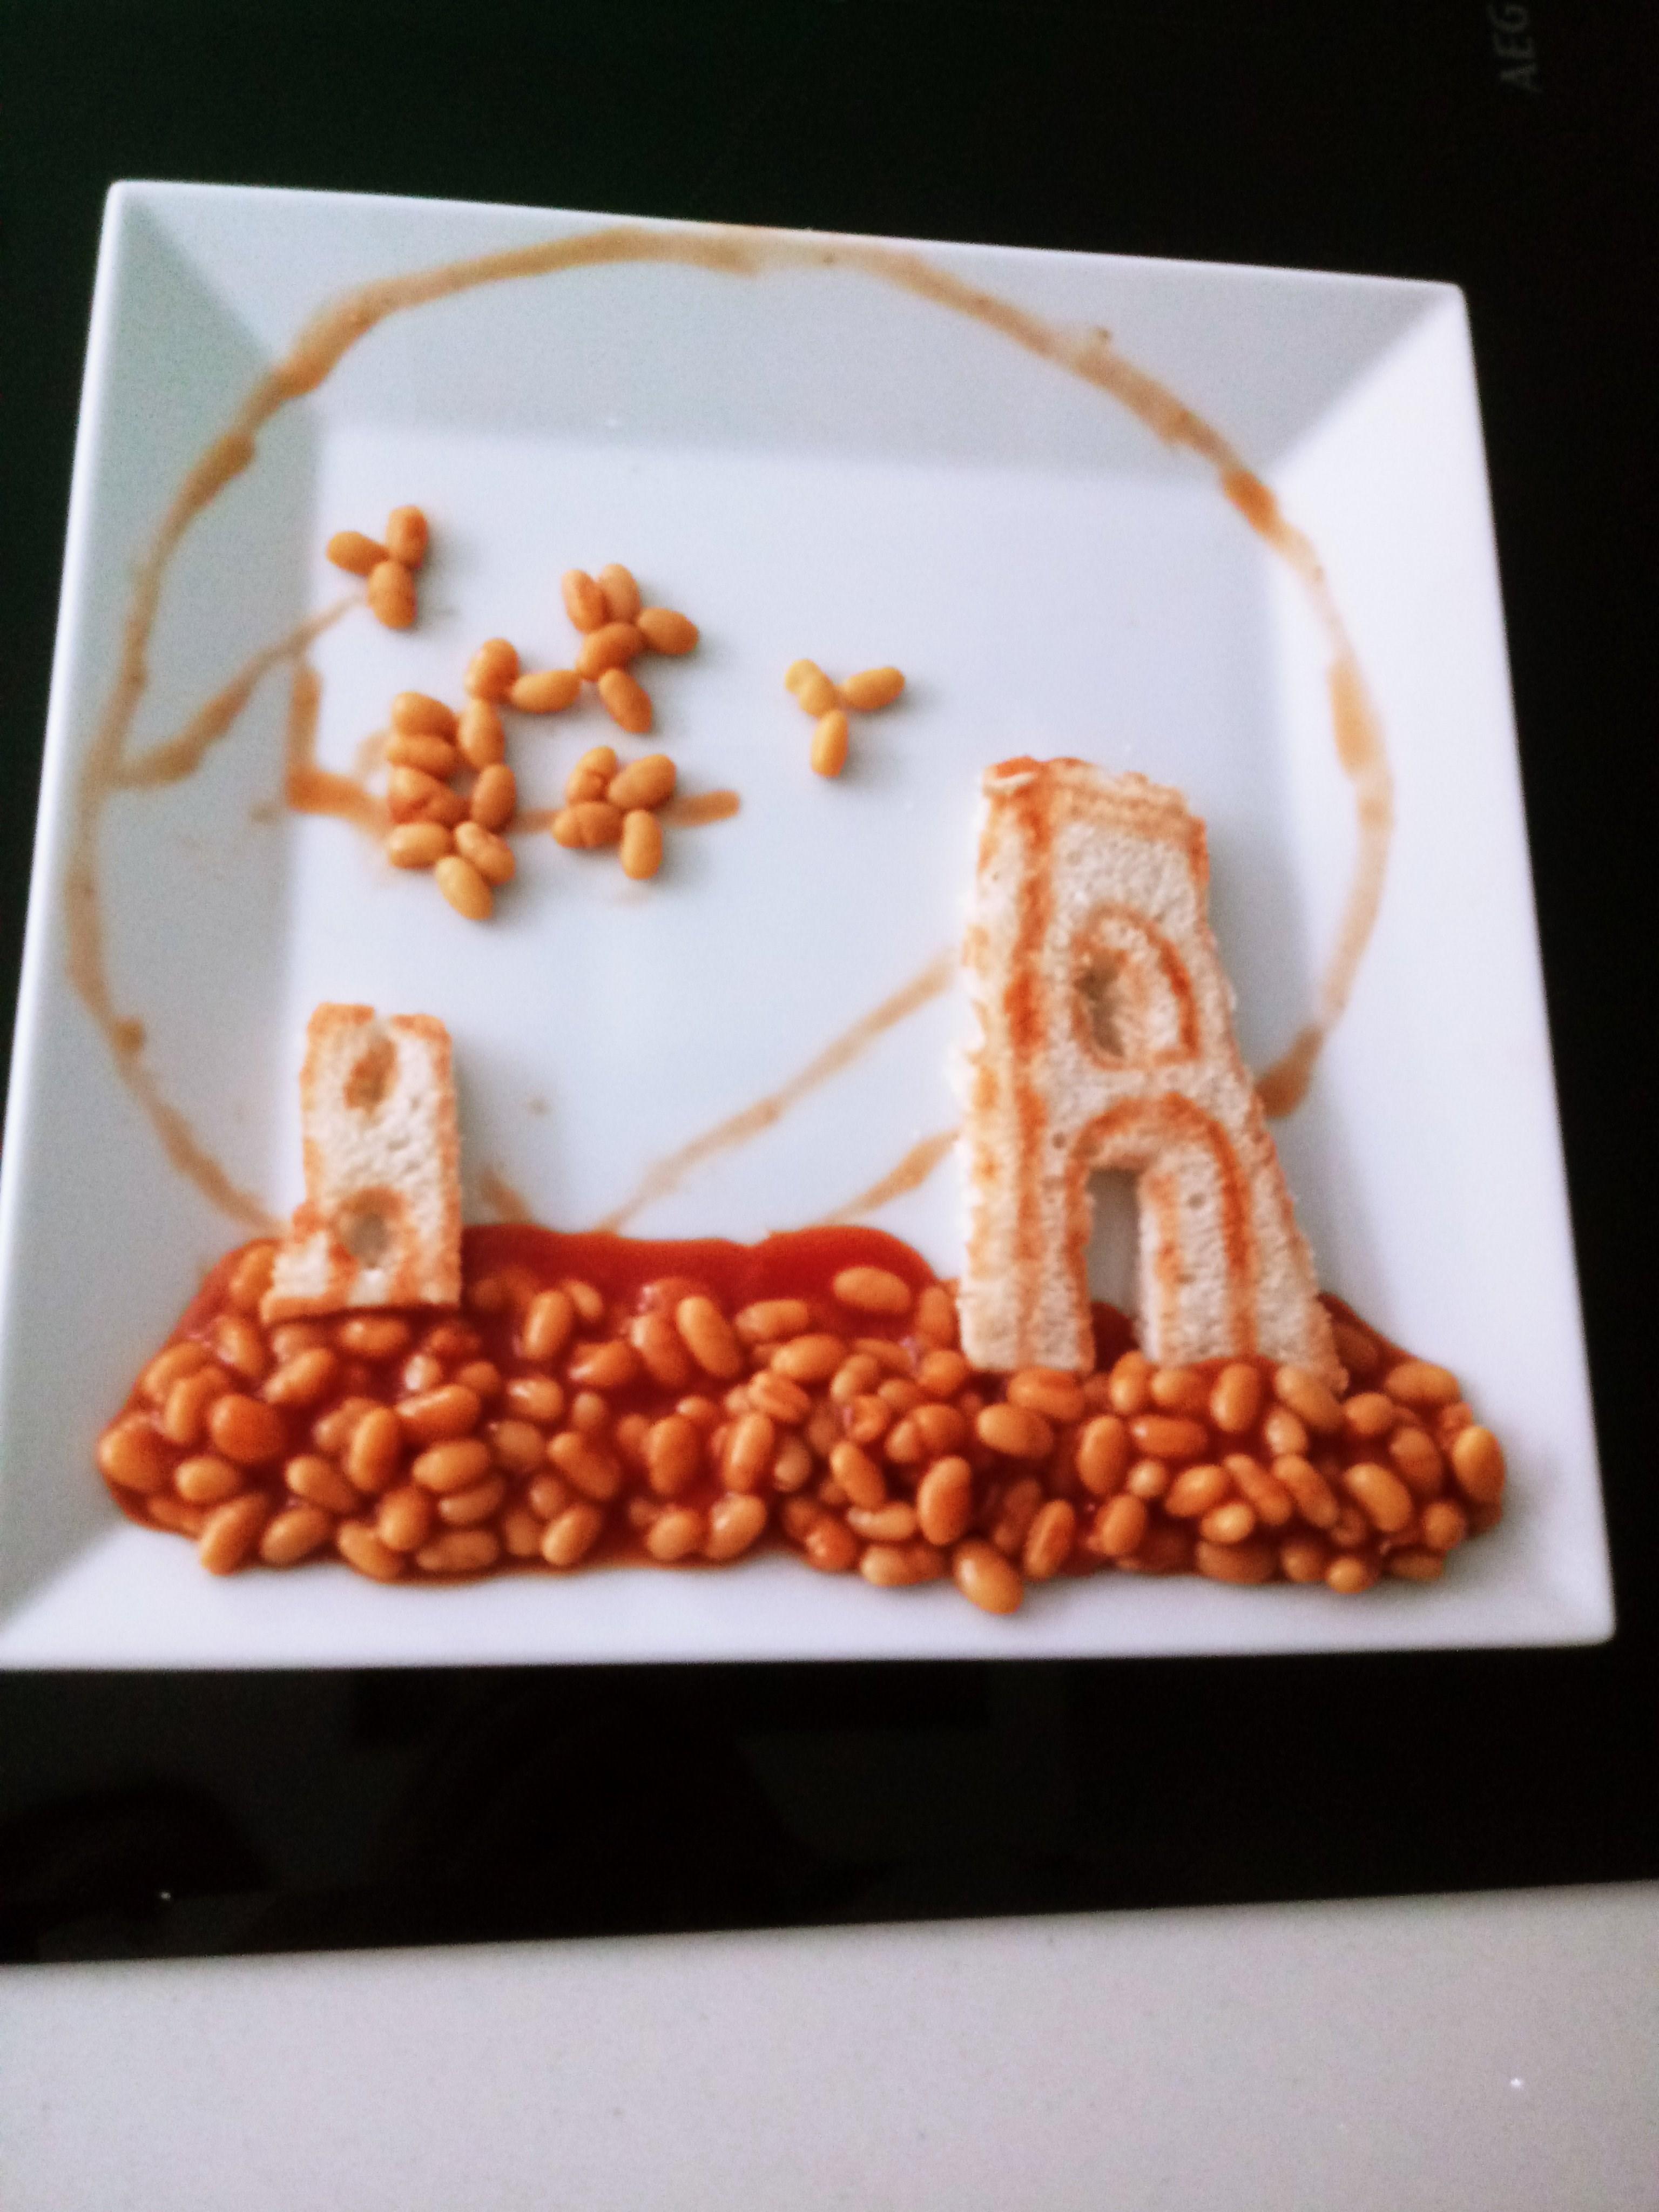 Tin of beans.jpg